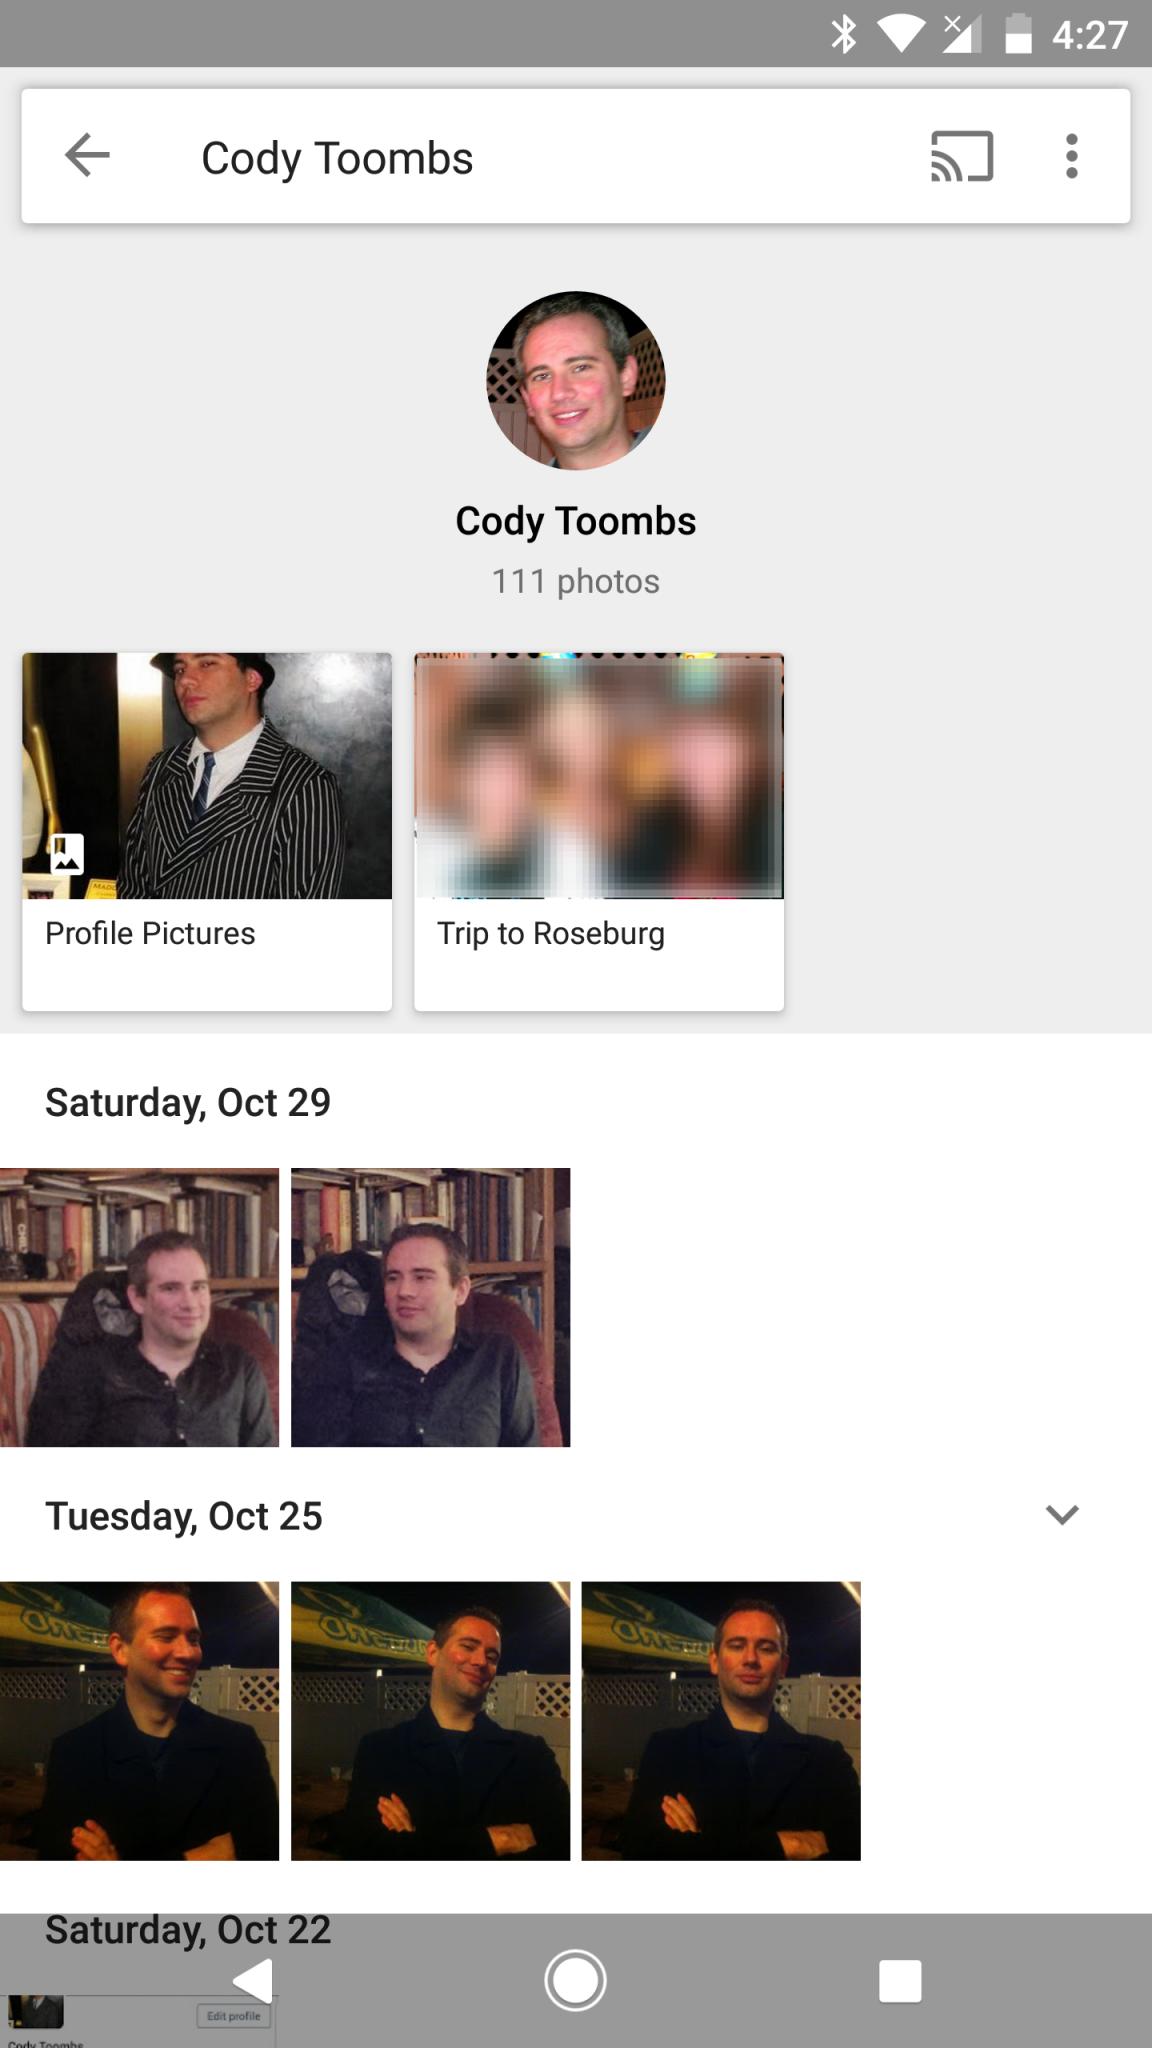 تطبيق صور قوقل على أندرويد يوفّر الدعم الأولى لصور الخام RAW